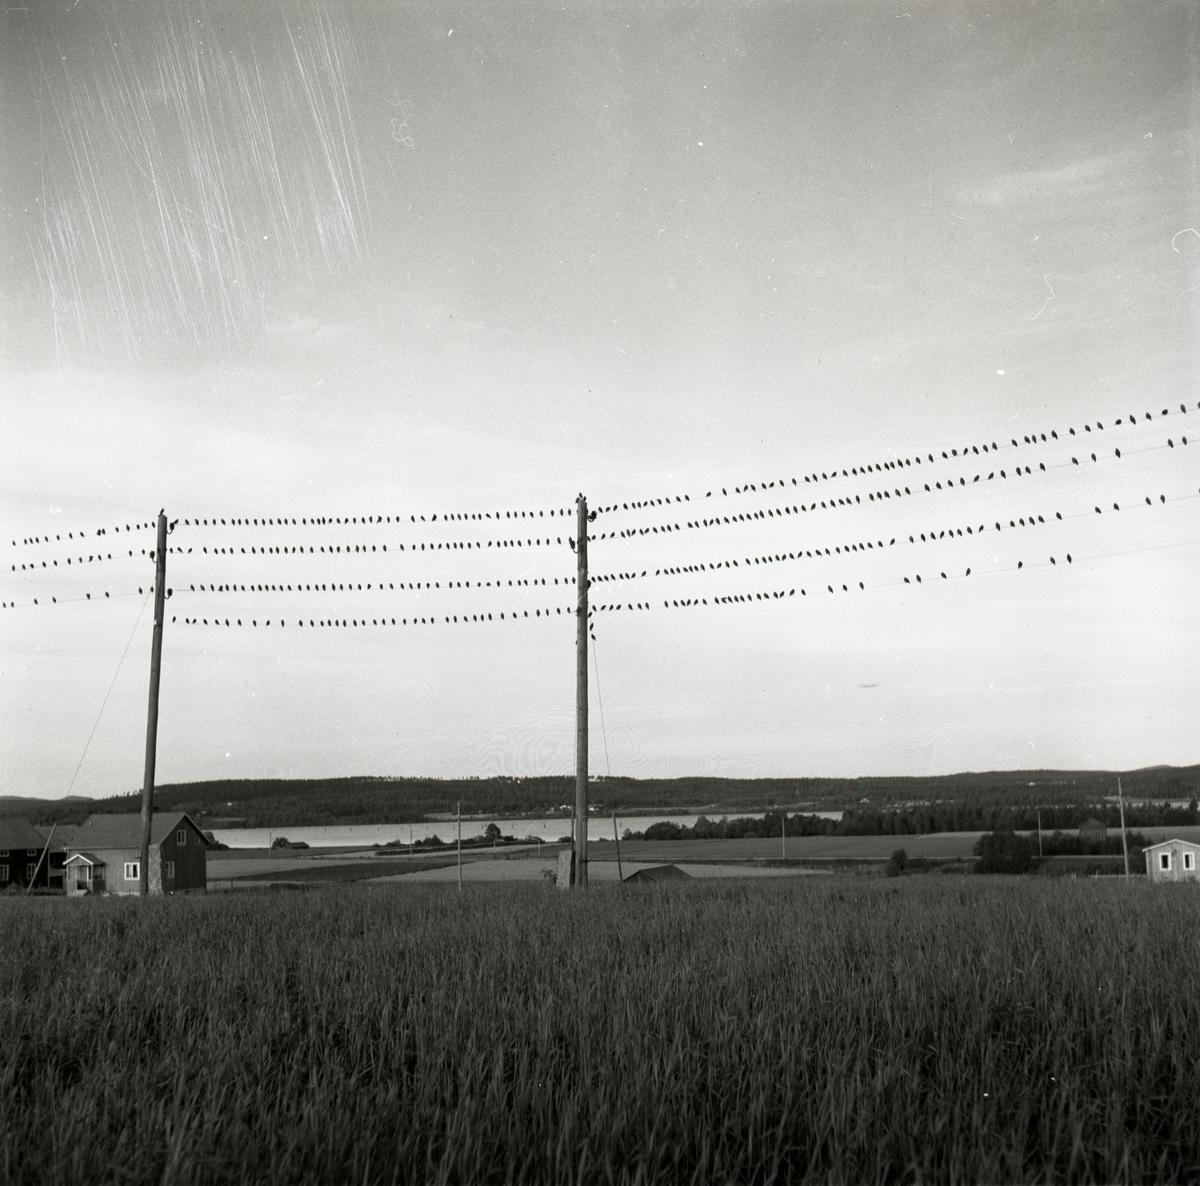 En starflock har samlats på några elledningar i Arbrå, augusti 1957.